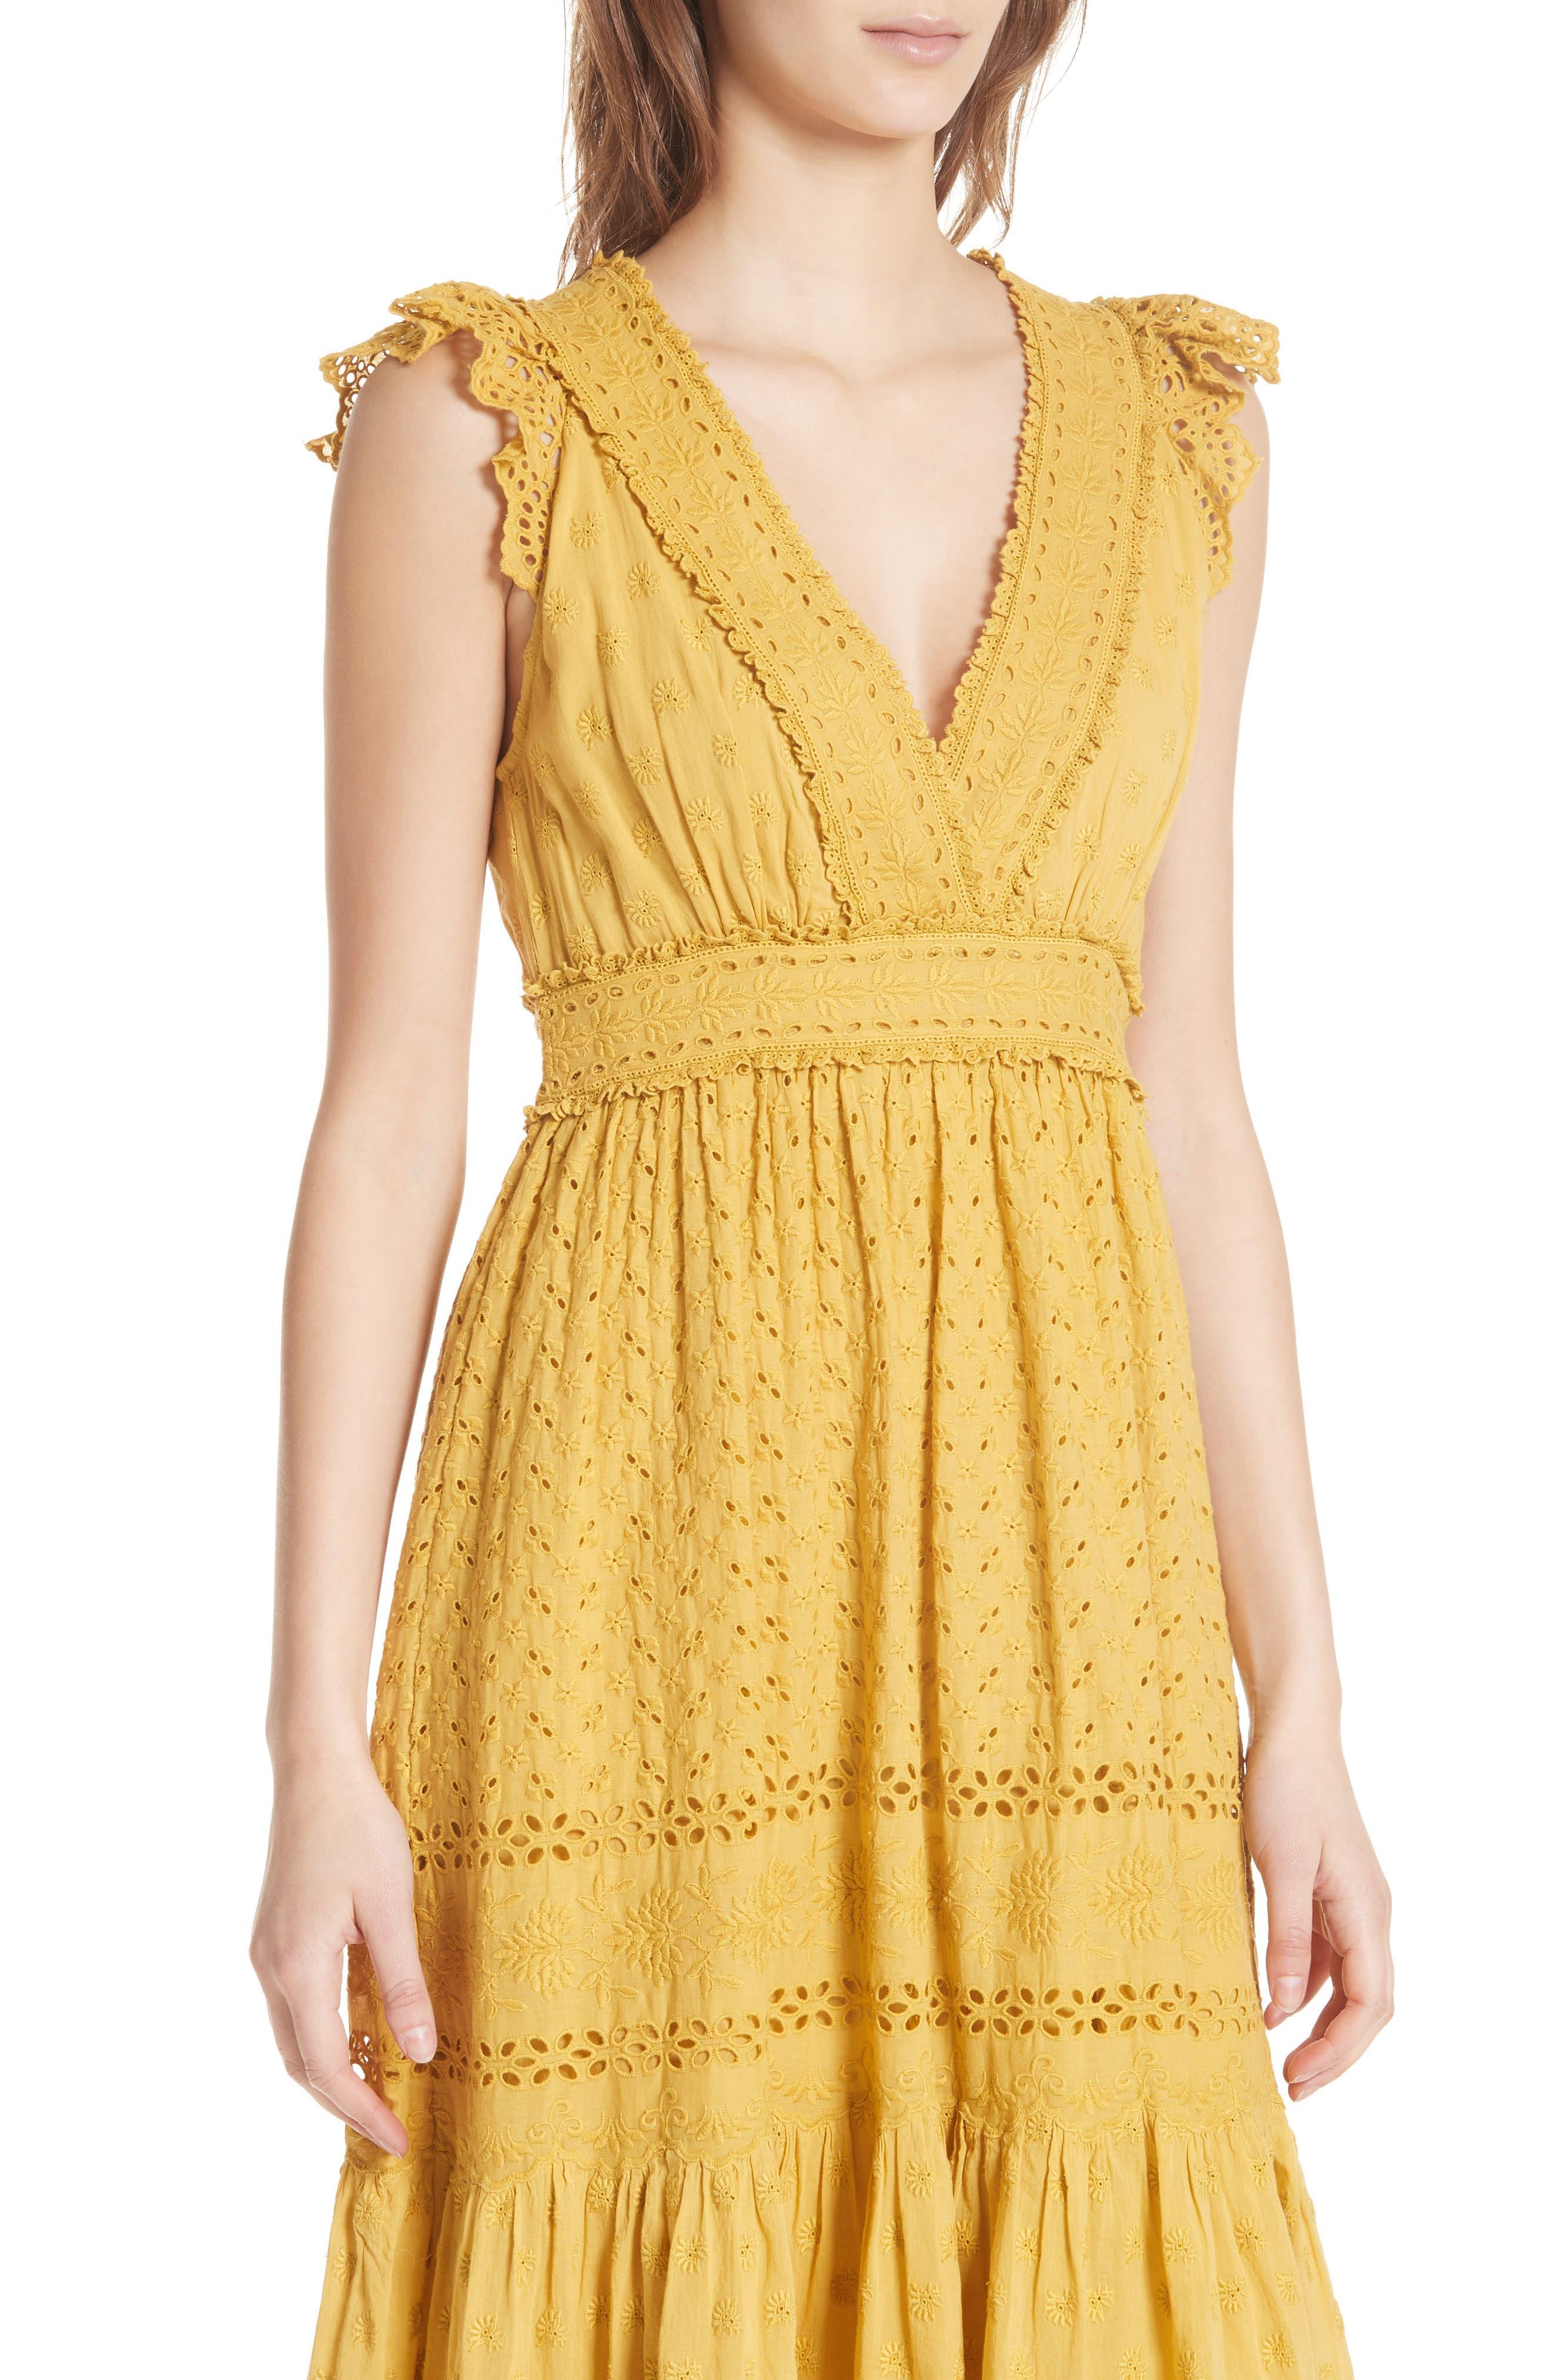 Marjorie Eyelet Dress,                             Alternate thumbnail 4, color,                             700